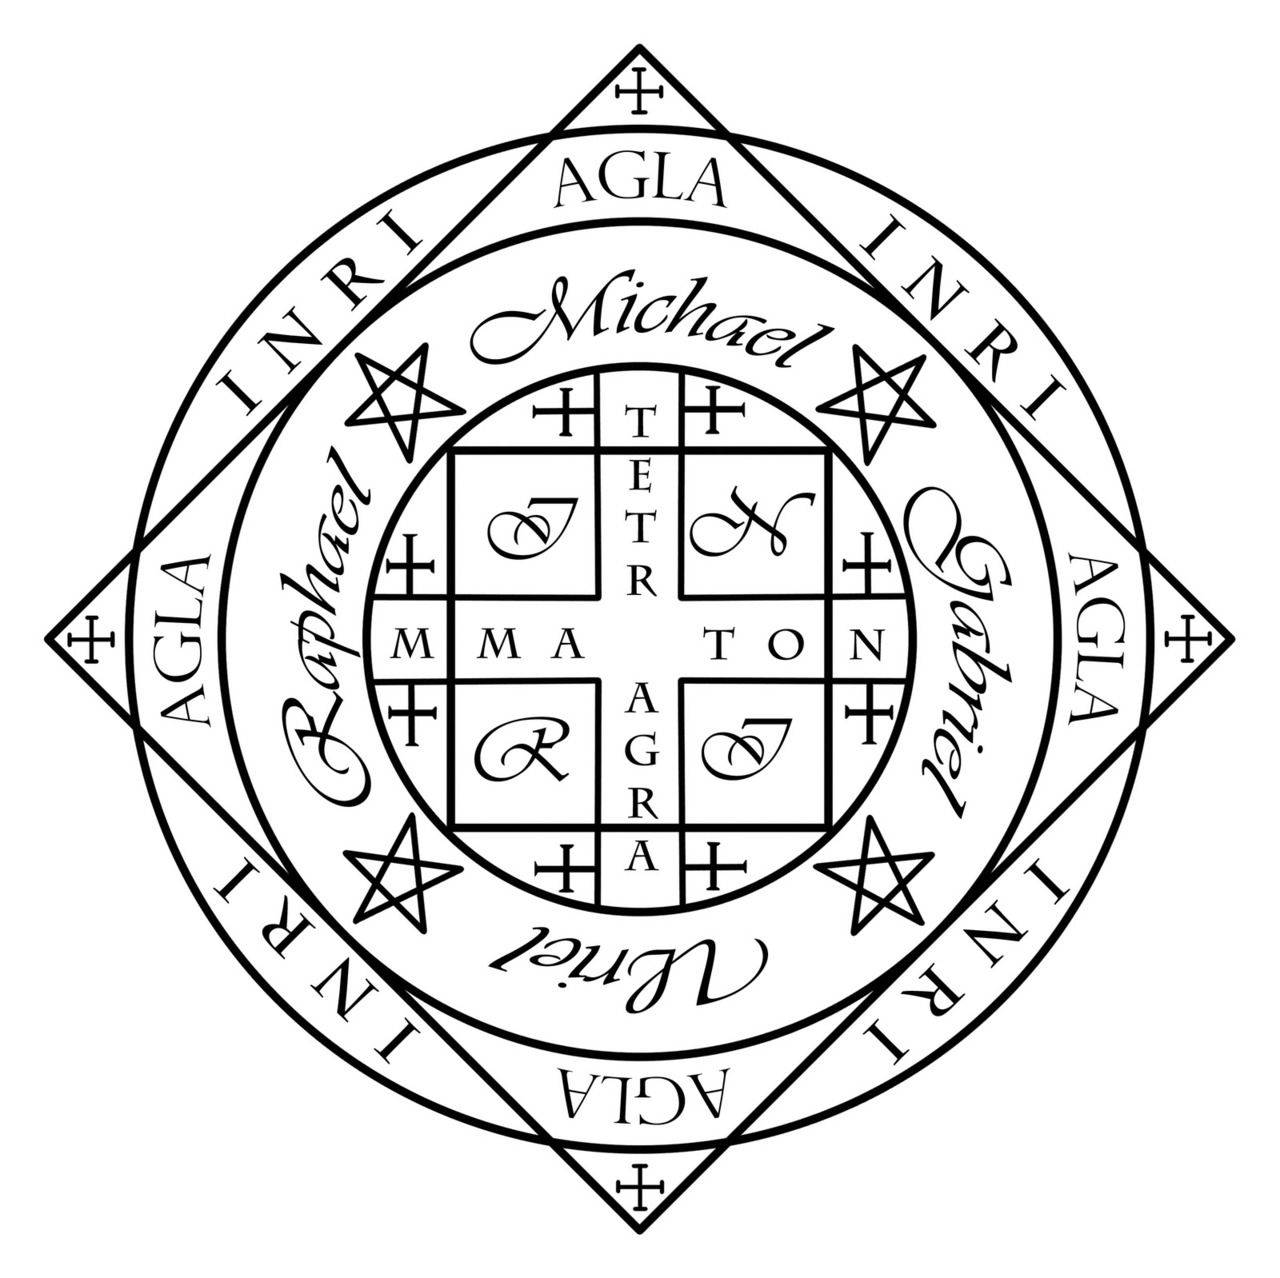 Что означают оккультные символы на долларе? (8 фото)